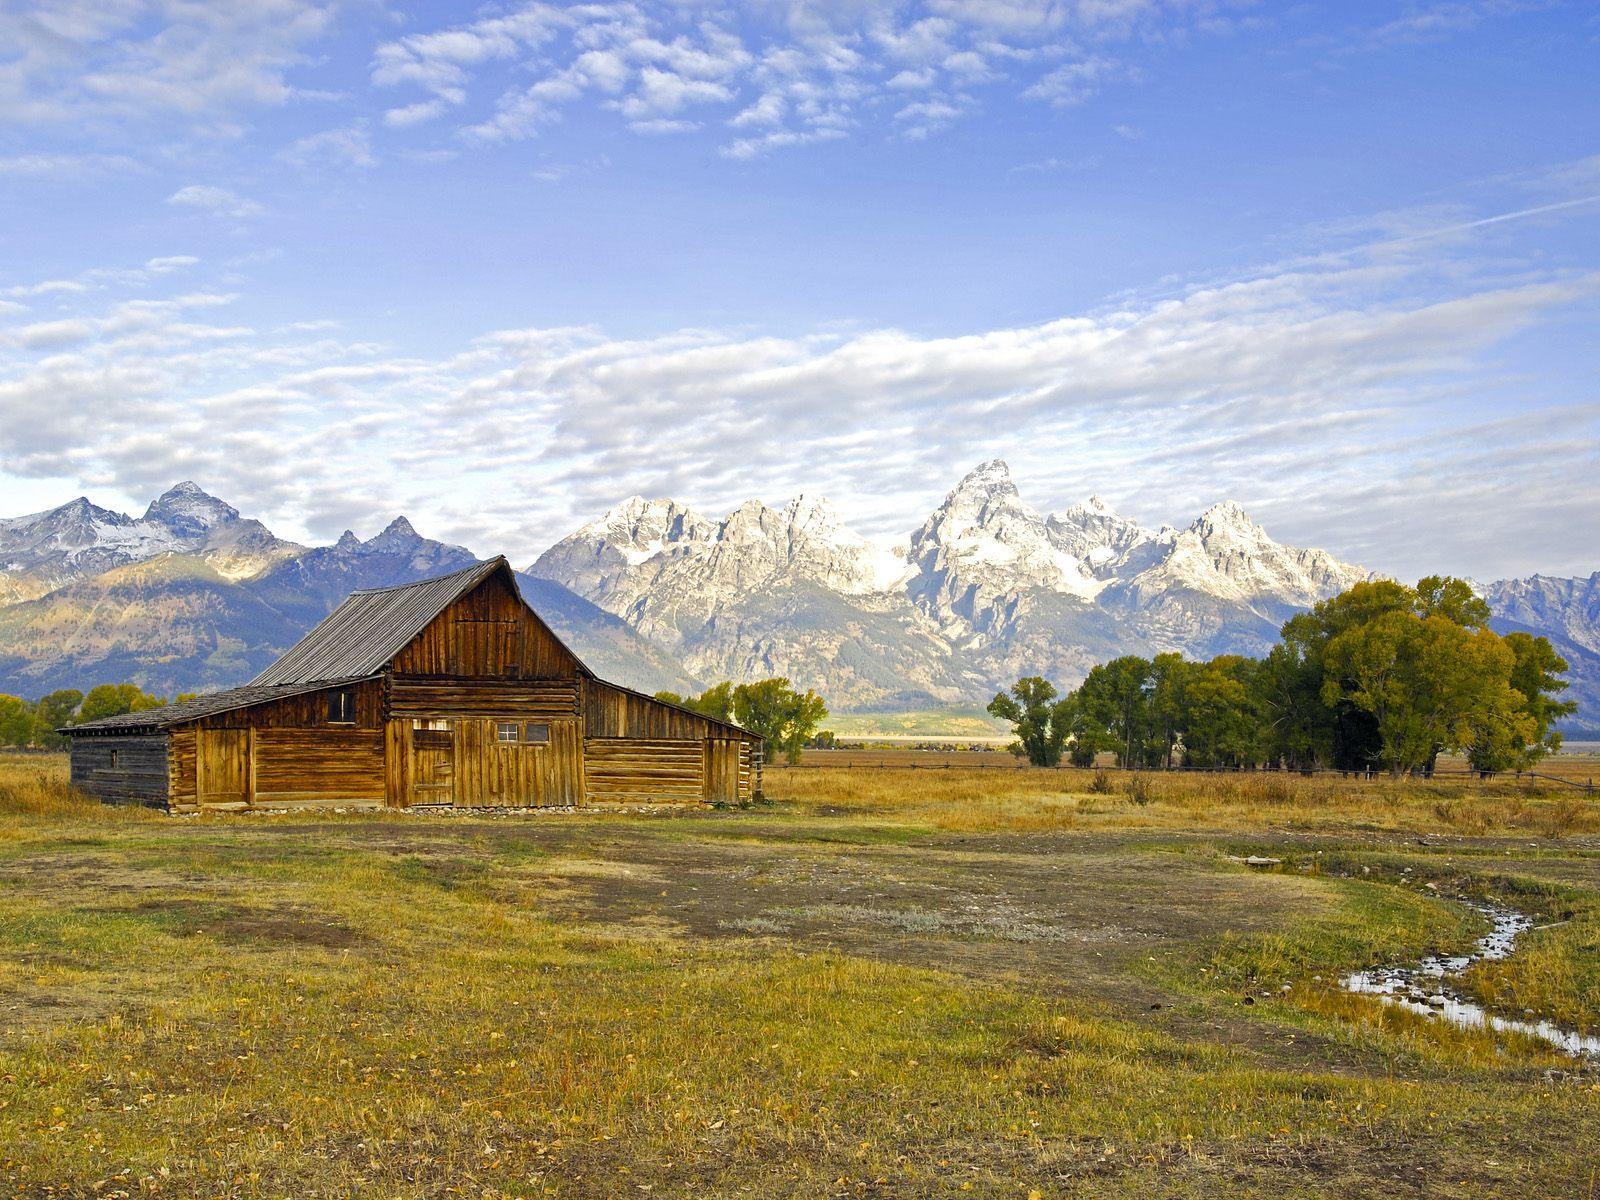 http://3.bp.blogspot.com/_W1ueYt1O3xs/TDr_EyLDRHI/AAAAAAAAV1A/797ntrtPj0E/s1600/Landscape+Wallpaper-15.jpg